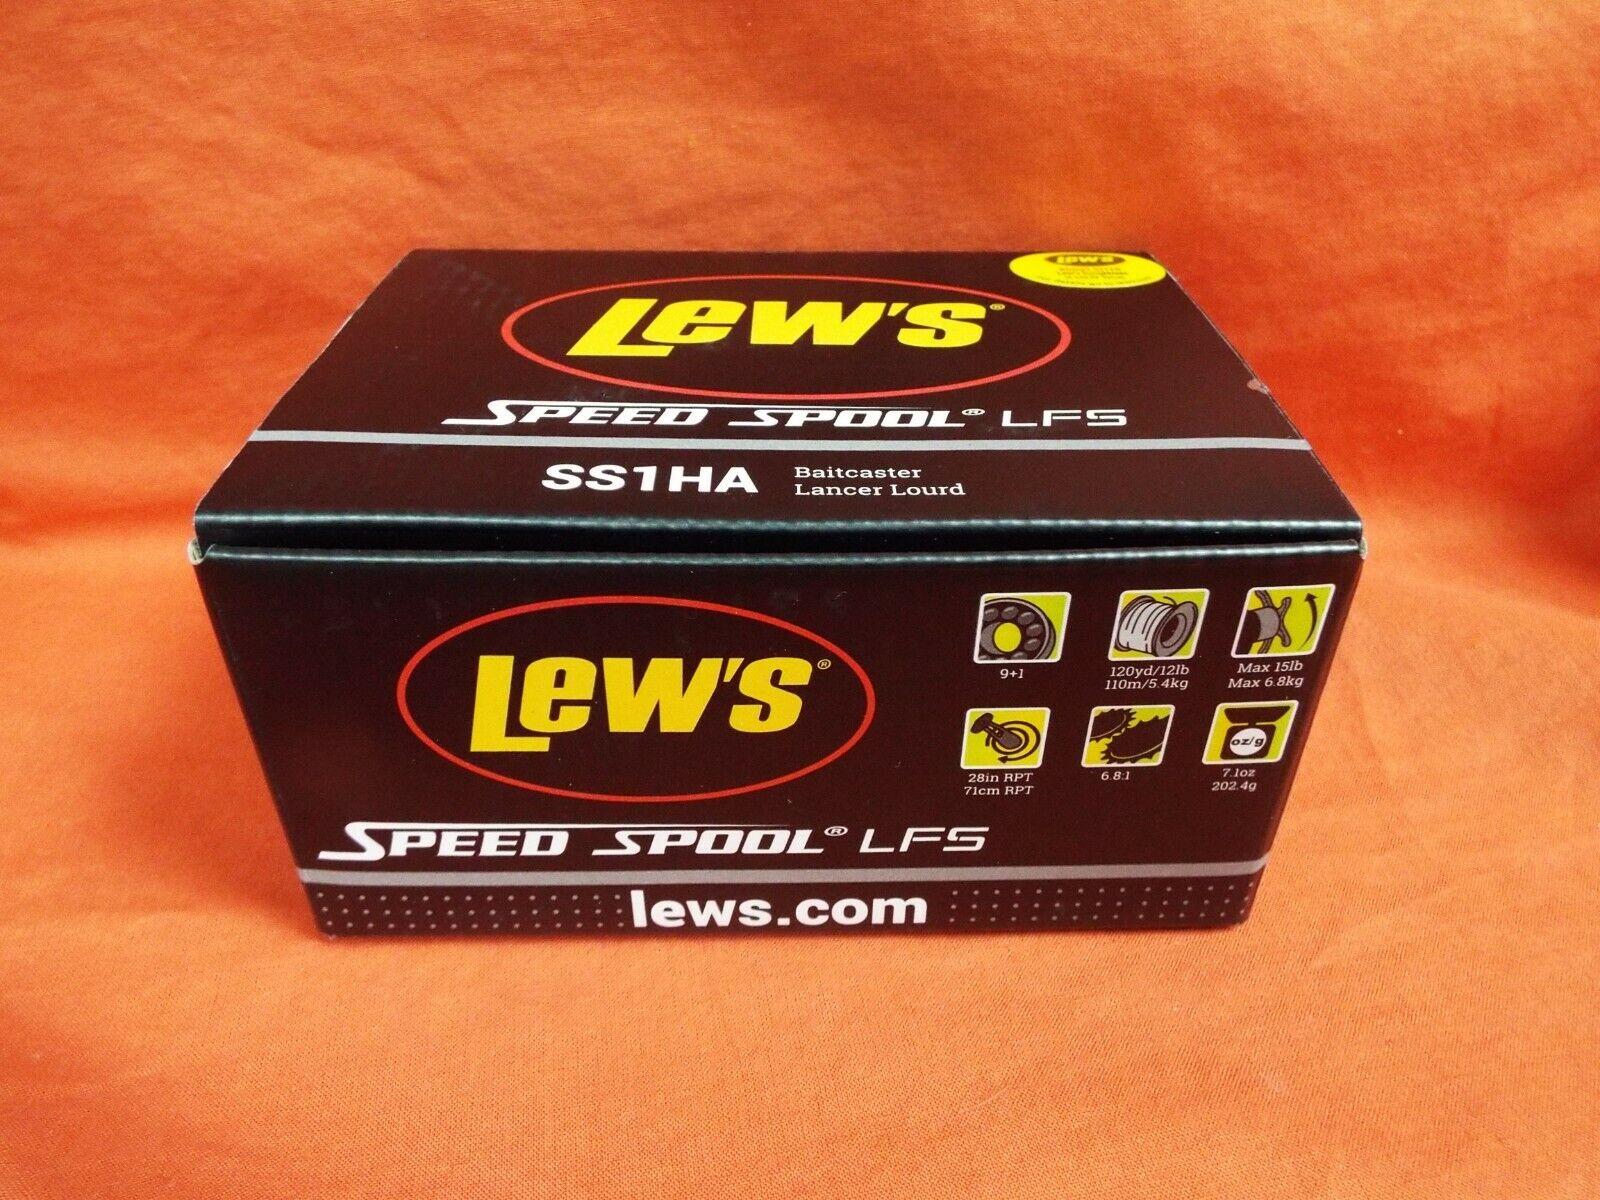 Lew's Velocidad Cocherete LFS serie Baitcasting Reel Gear proporción de 6.8  1 SS1HA